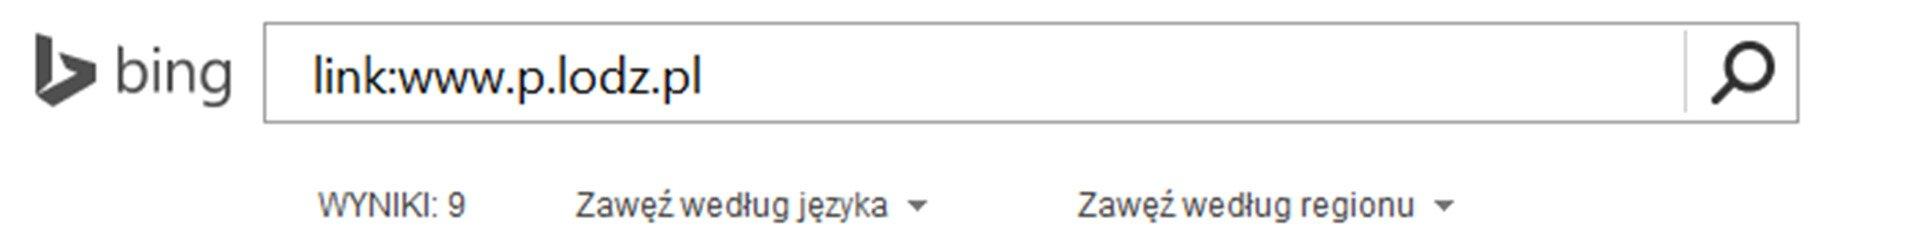 Zrzut paska wyszukiwarki Bing zwpisanym tekstem oraz Link